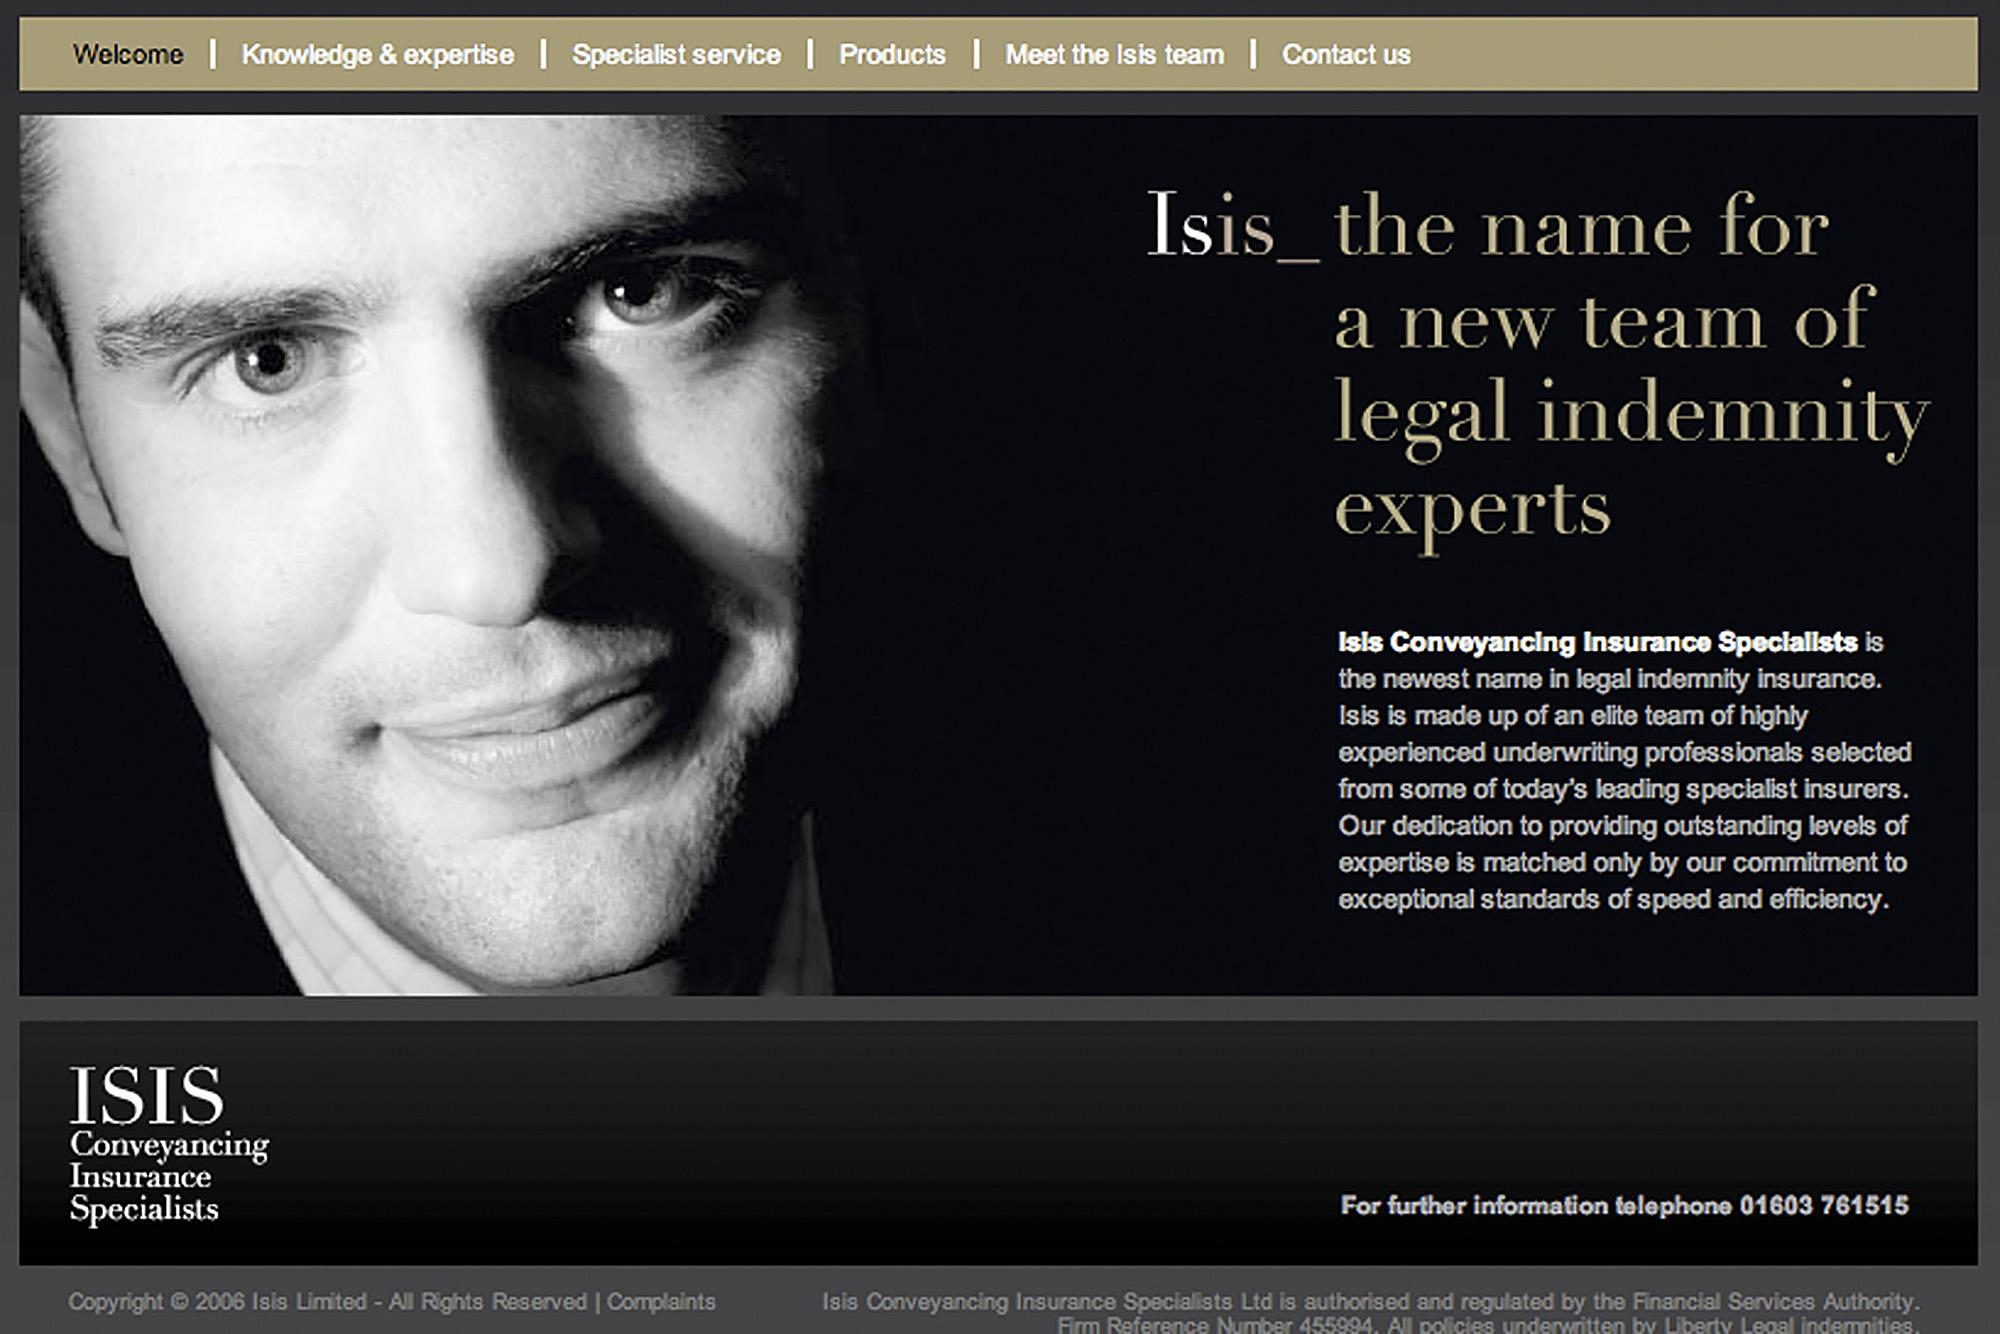 ISIS_002WEBSITE.jpg